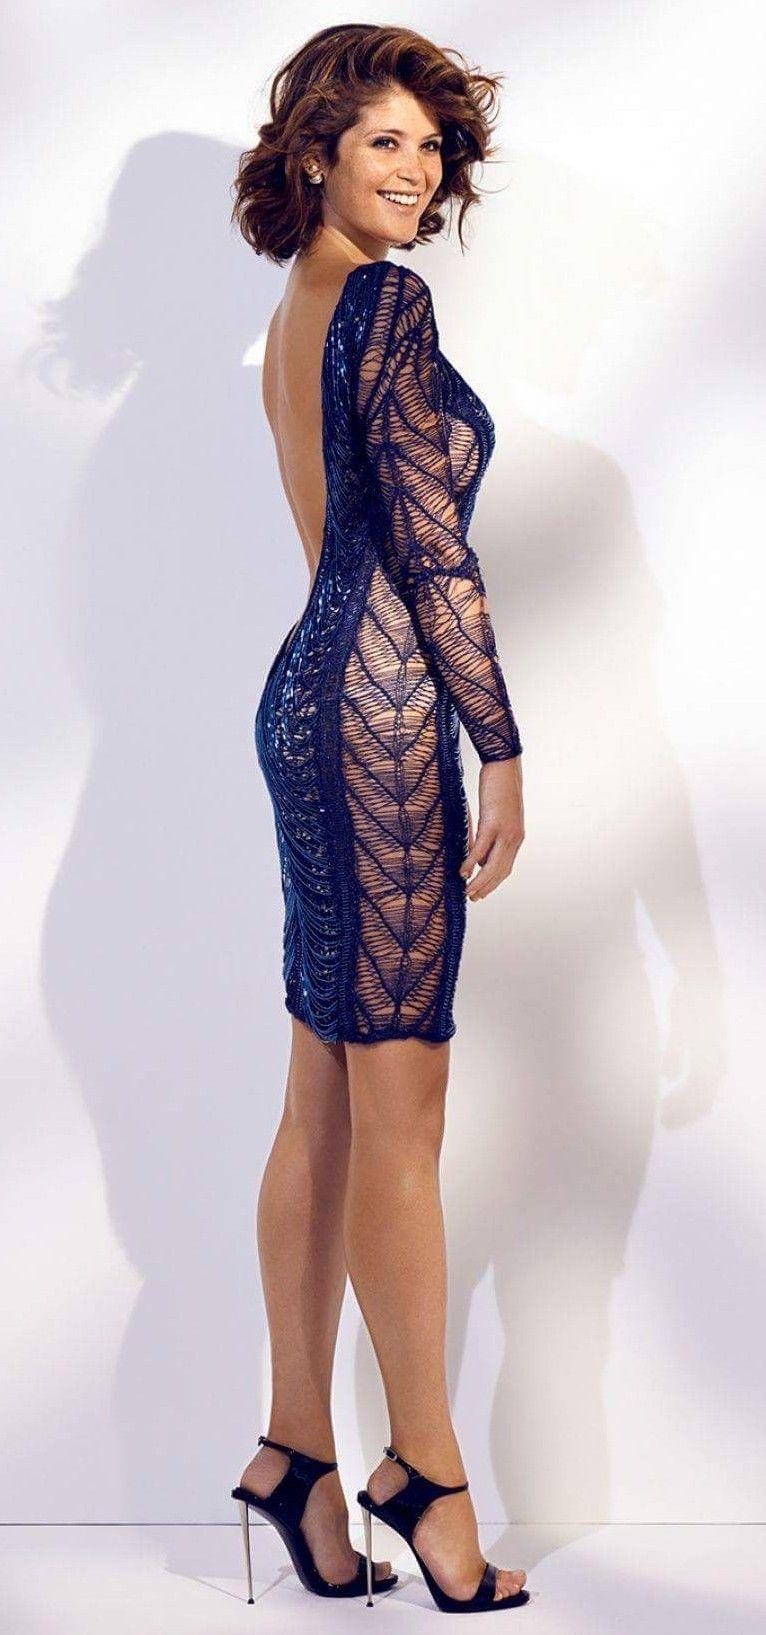 Gemma Arterton Fashion Dress And Heels Dresses Gemma arterton hot hd wallpaper